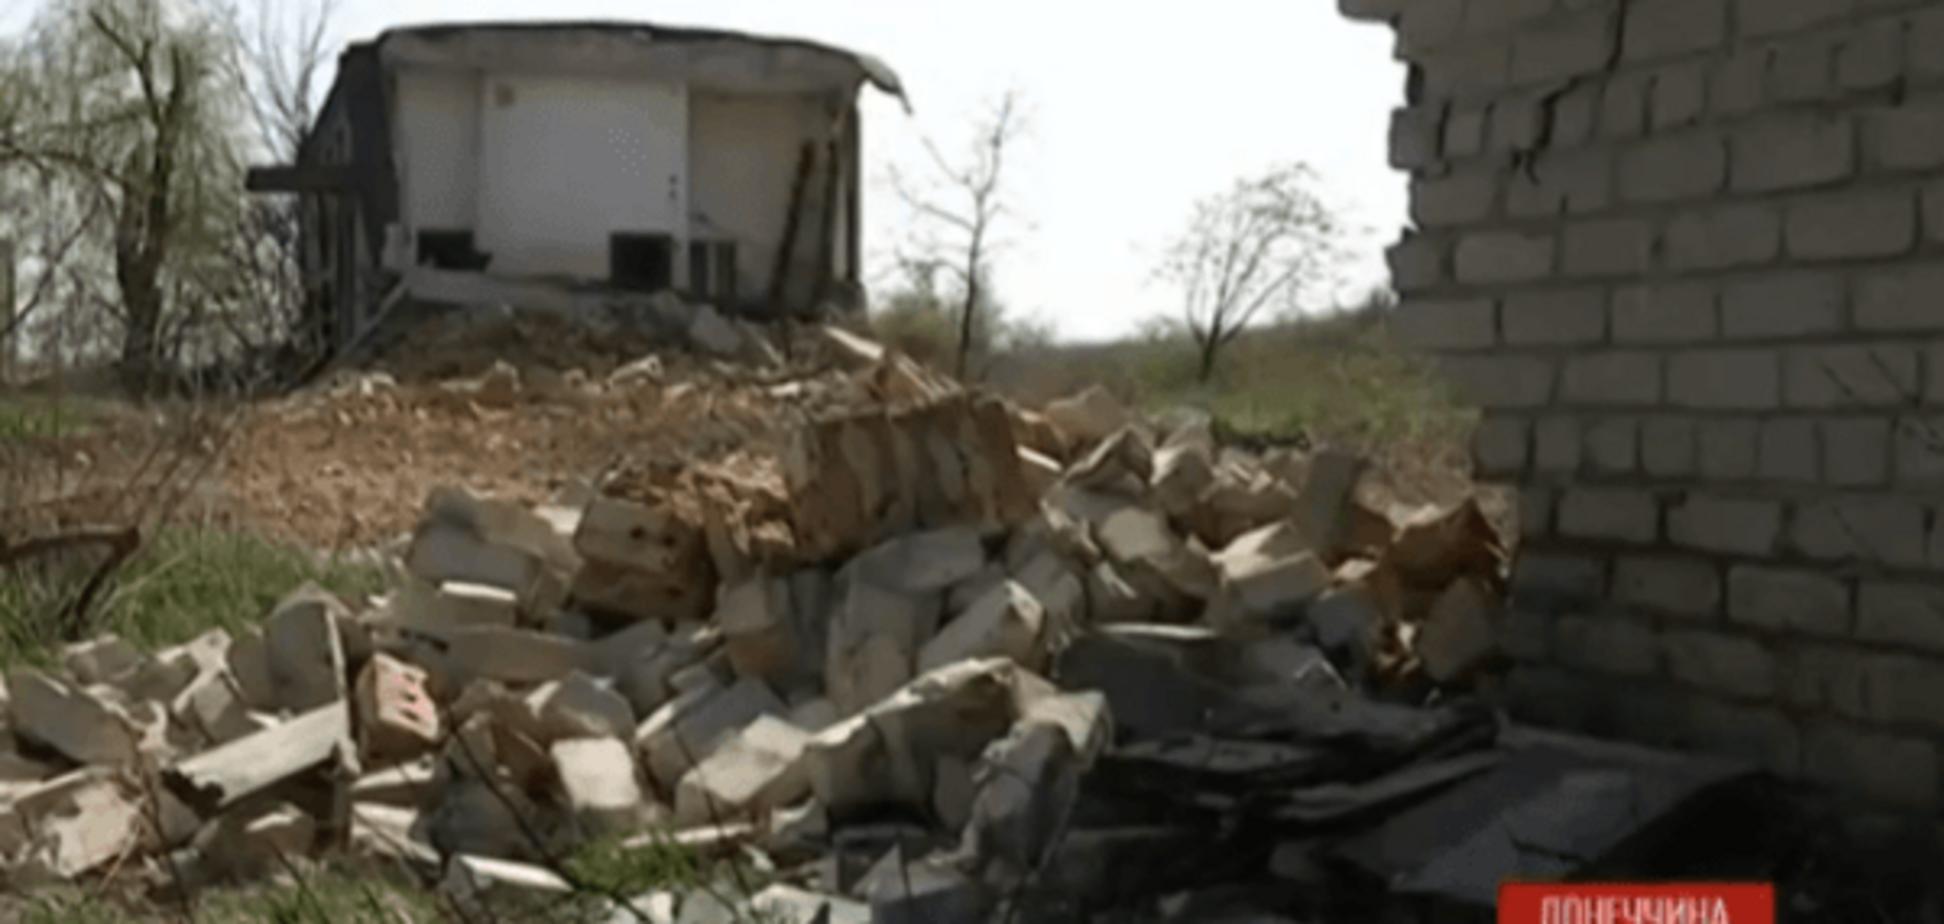 Місто під загрозою: в Красногорівці диверсанти знищили фільтраційну станцію